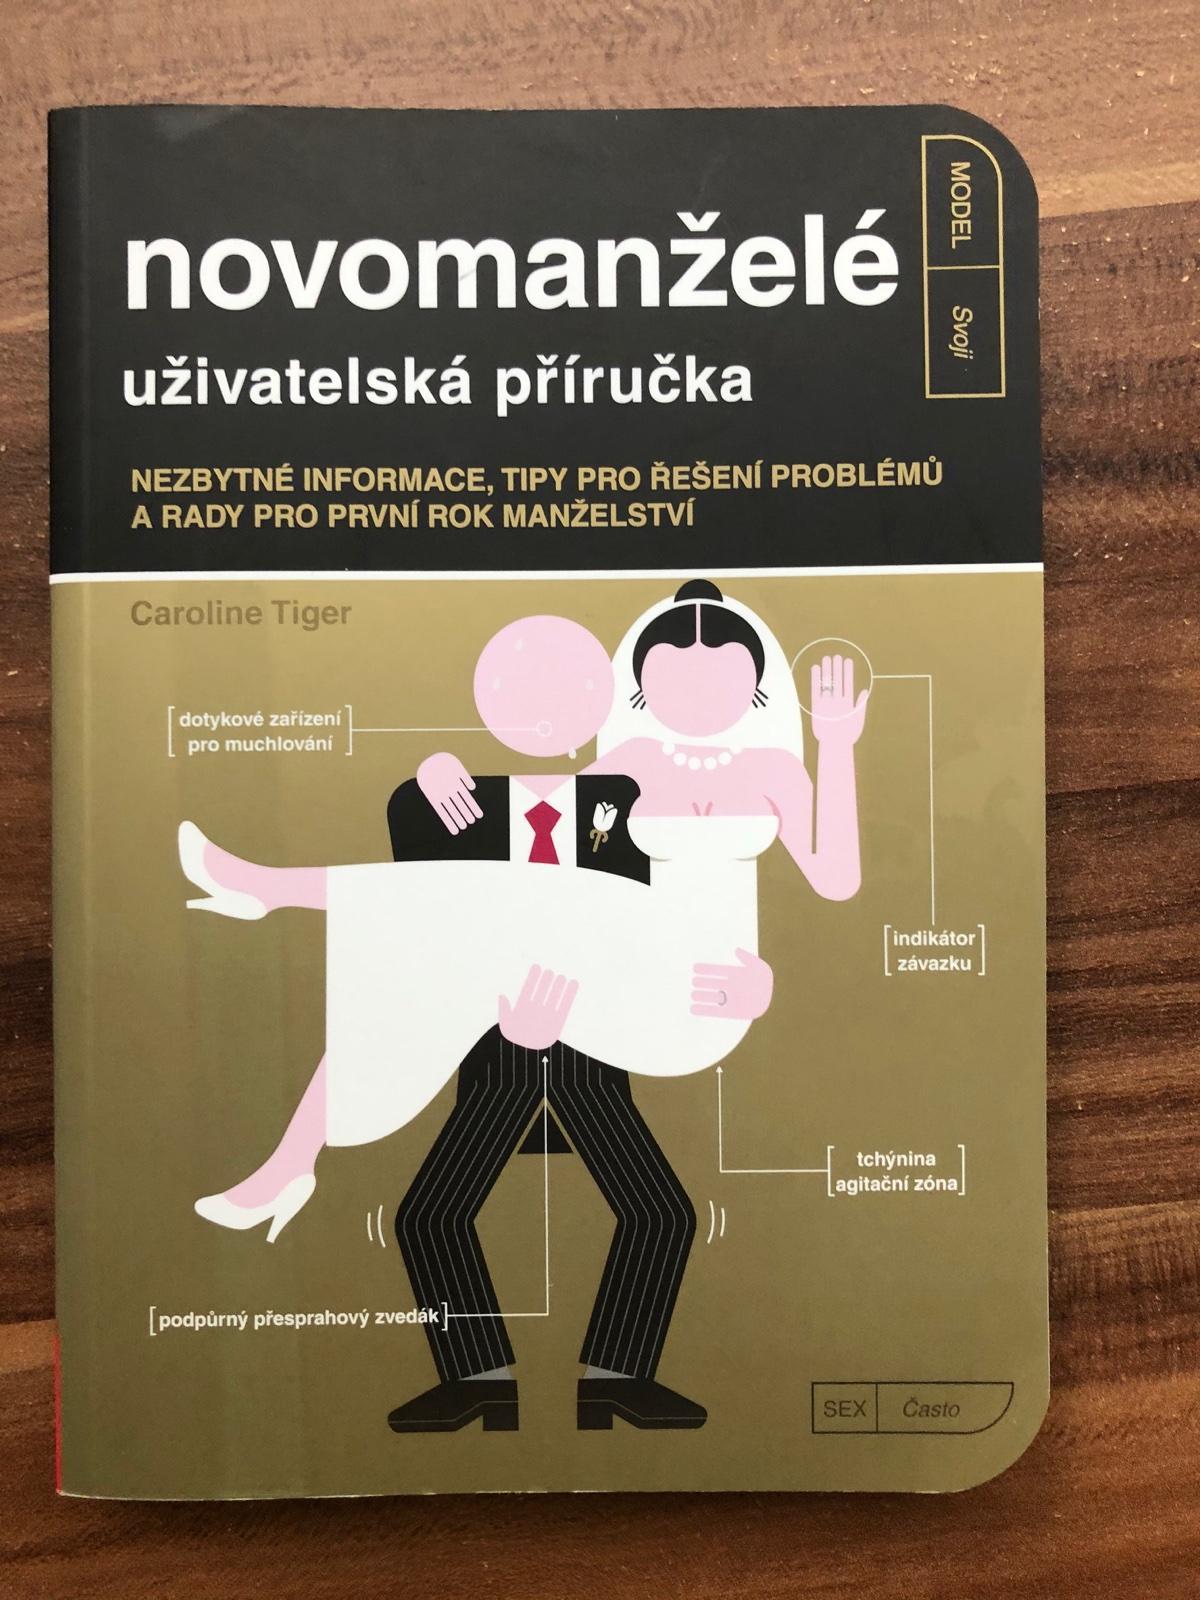 Novomanželé - uživatelská příručka - Obrázok č. 1